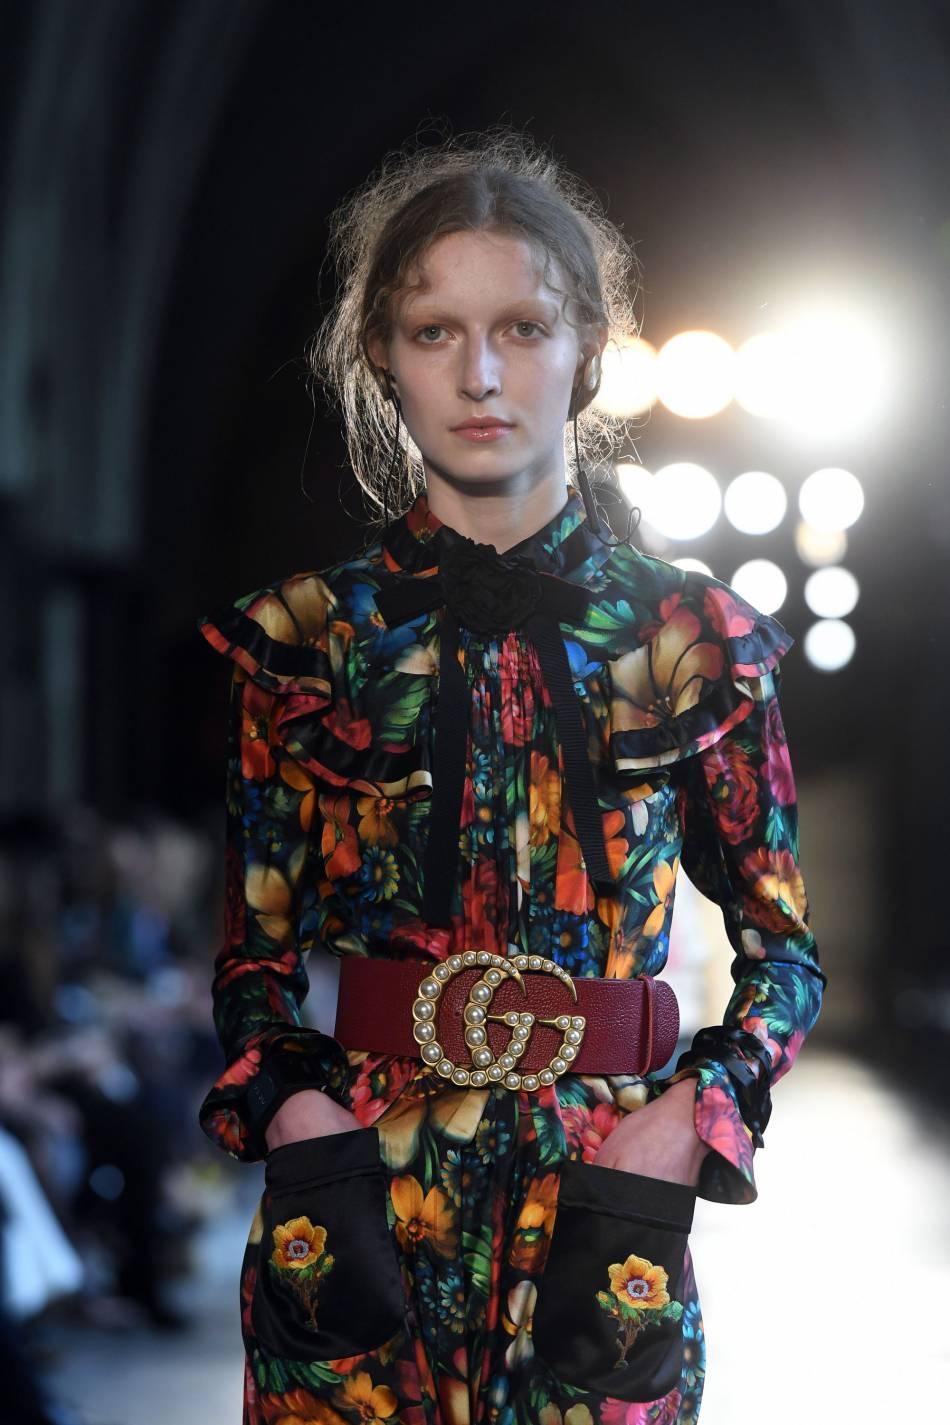 La ceinture au double G ceinture les tailles des mannequins avec style.